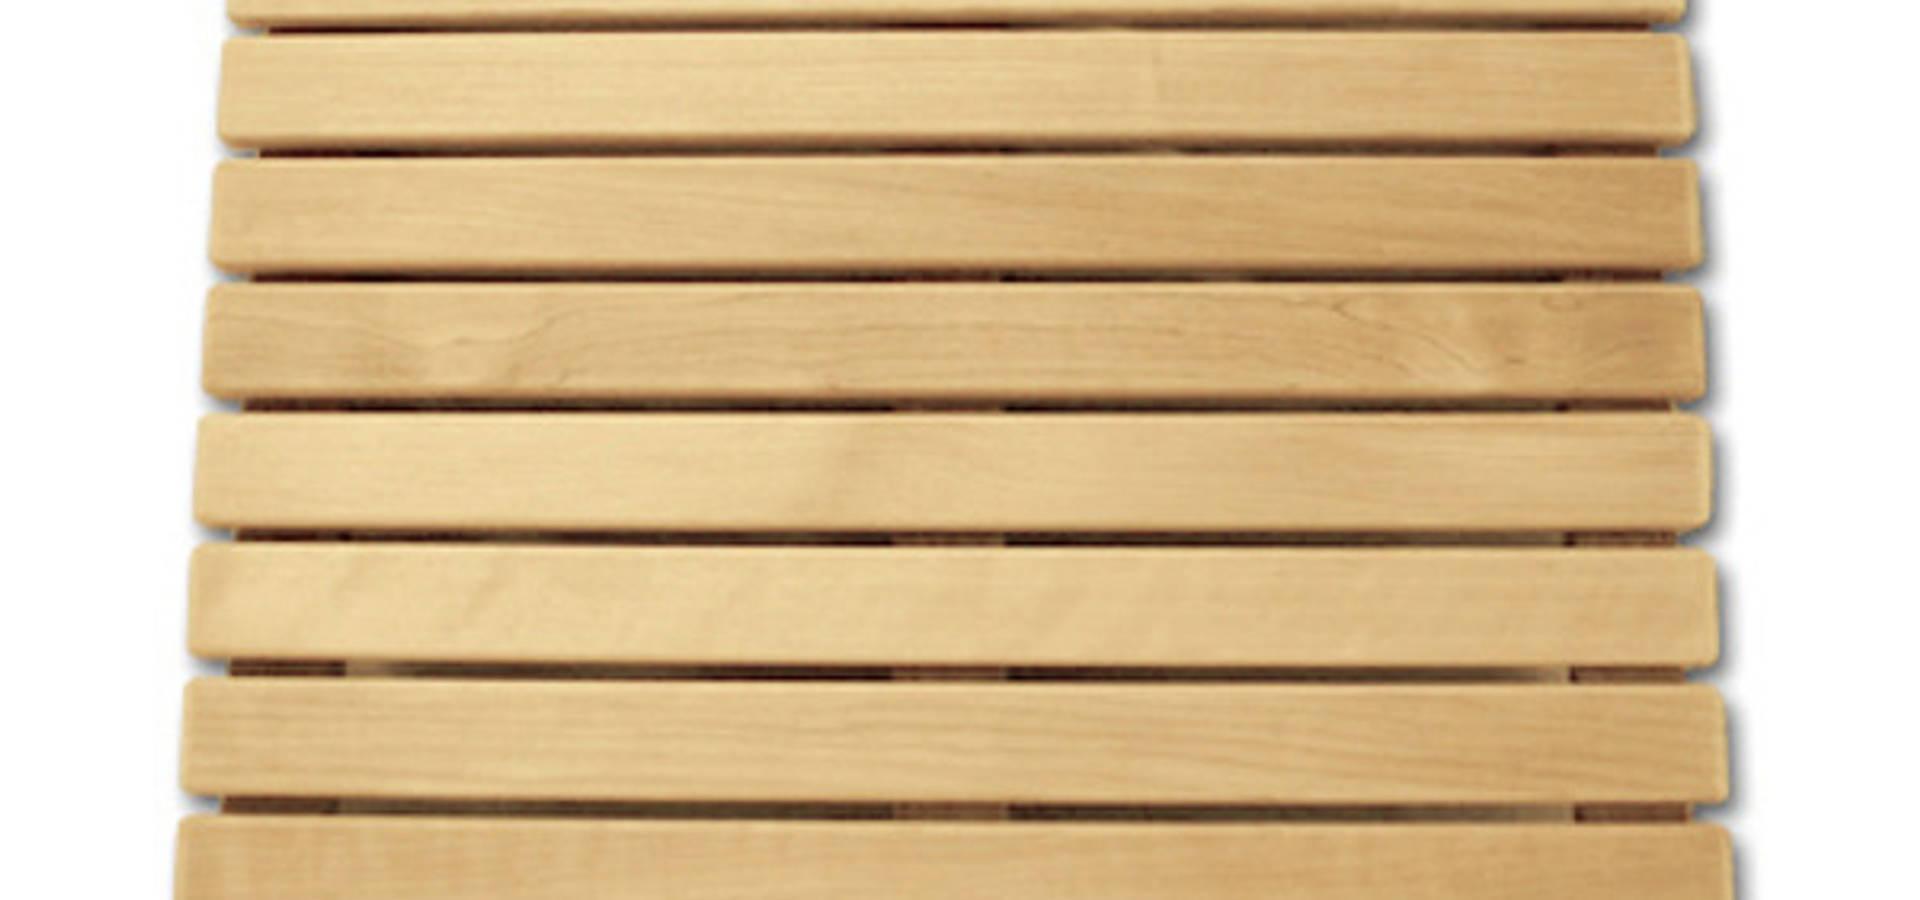 SaunaSinne – Mit allen Sinnen genießen